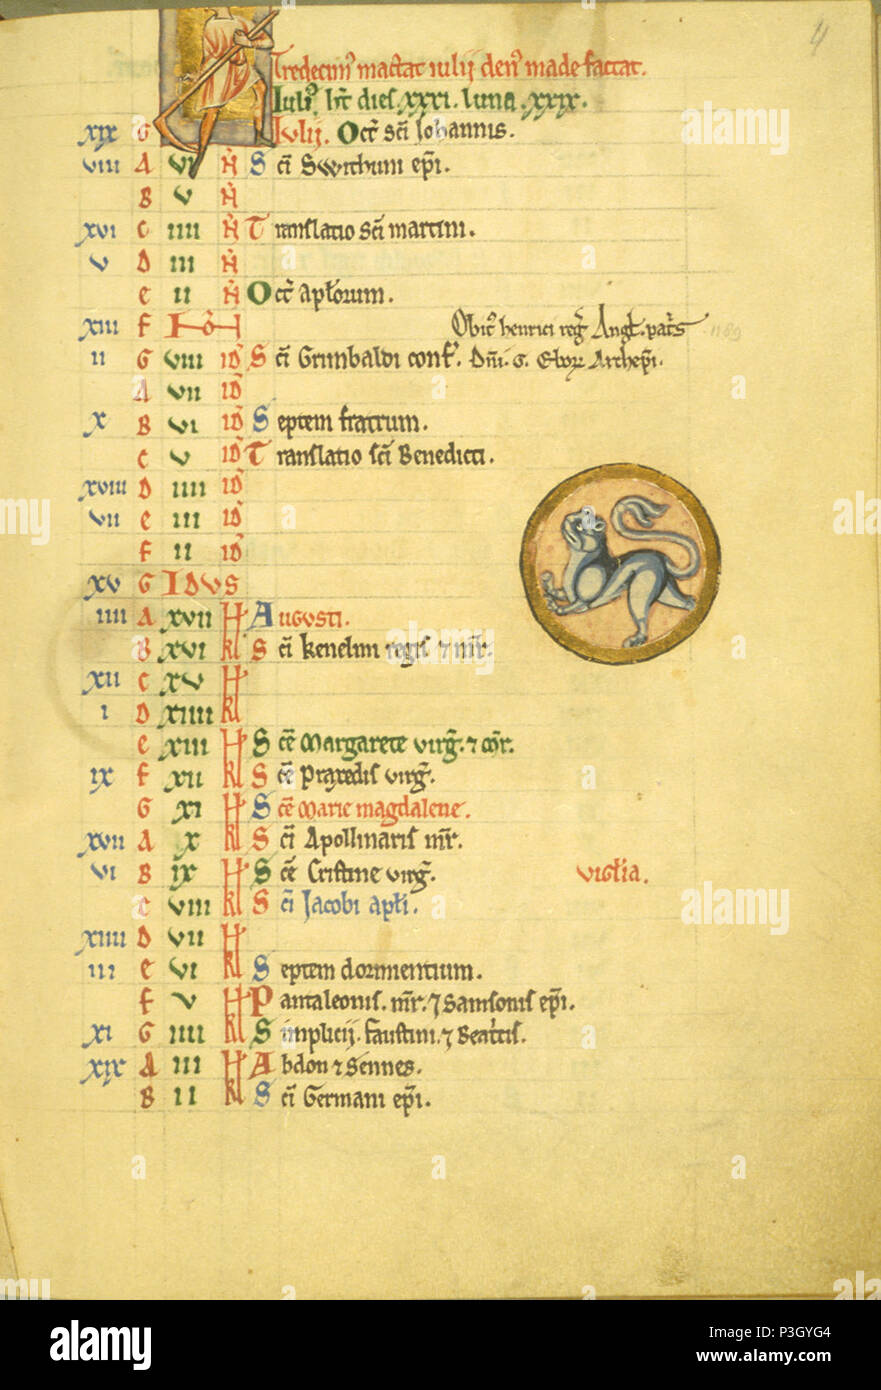 Saint Louis Calendrier.Anglais Saint Louis 4 Psautier Recto Anglais Manuscrit